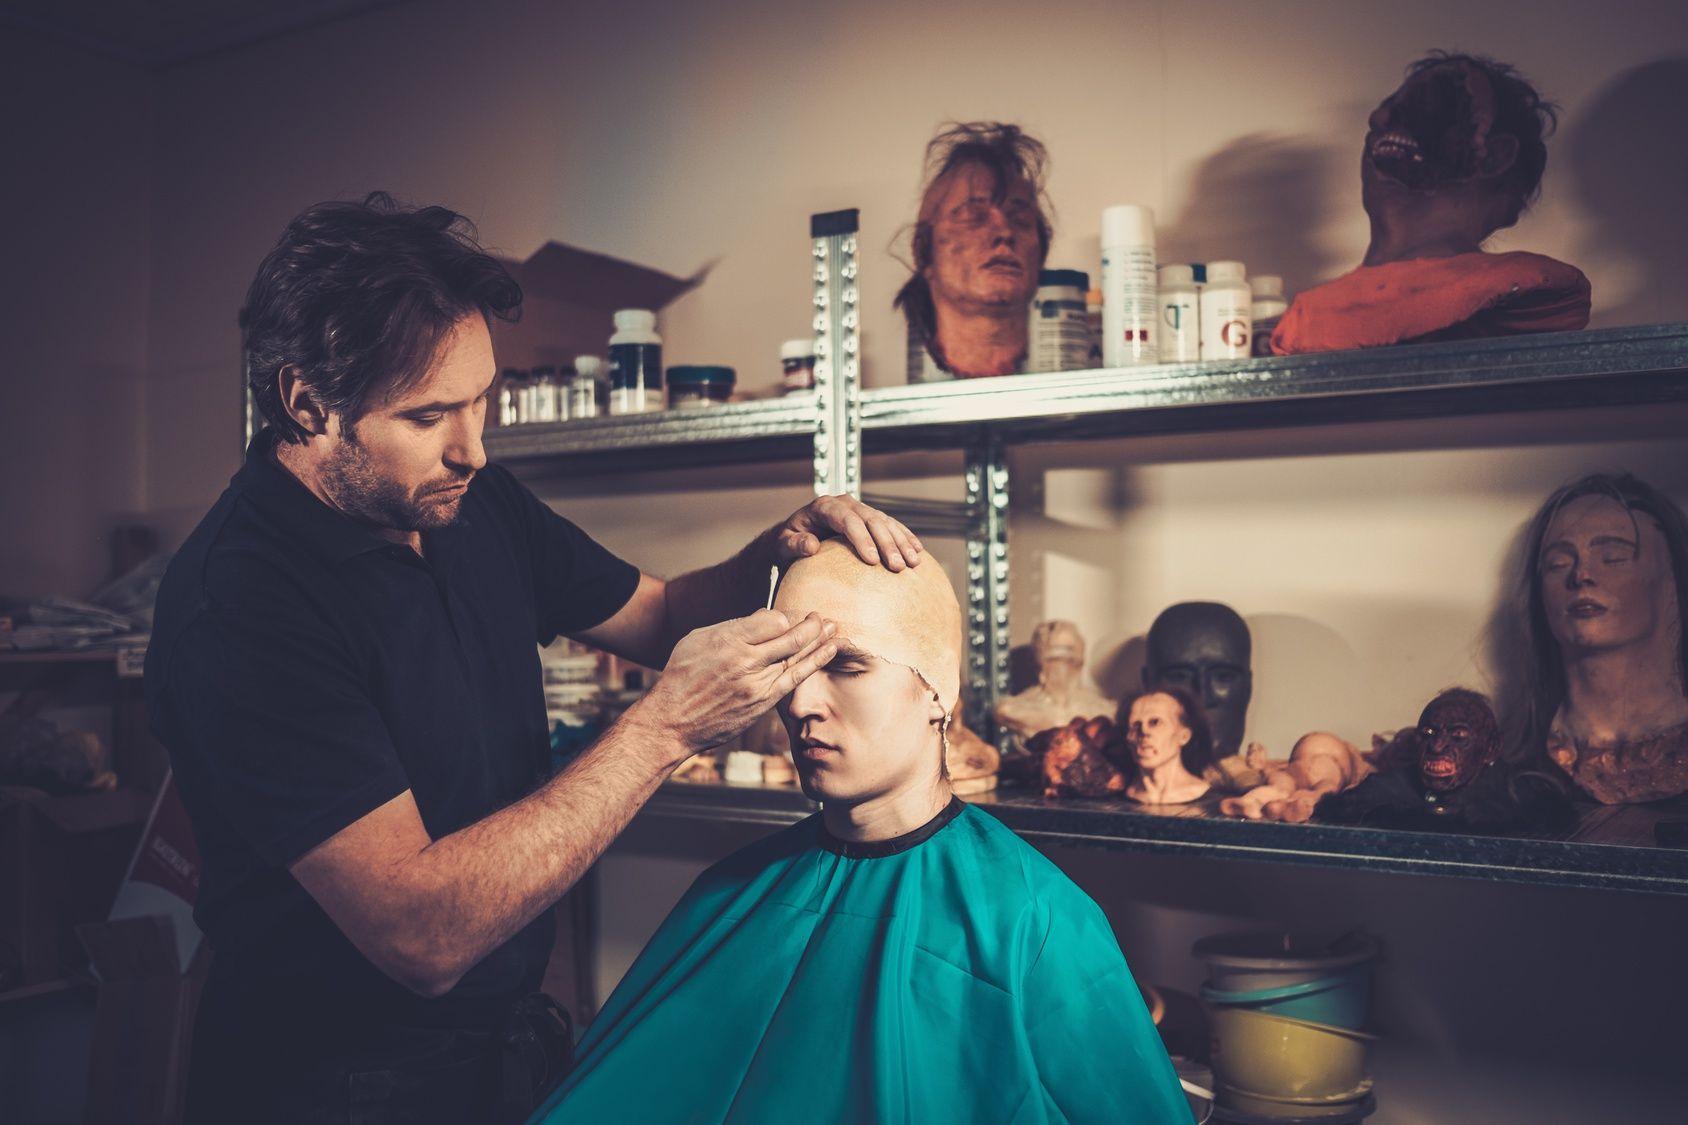 Descubre la profesión de maquillaje, caracterización y efectos especiales